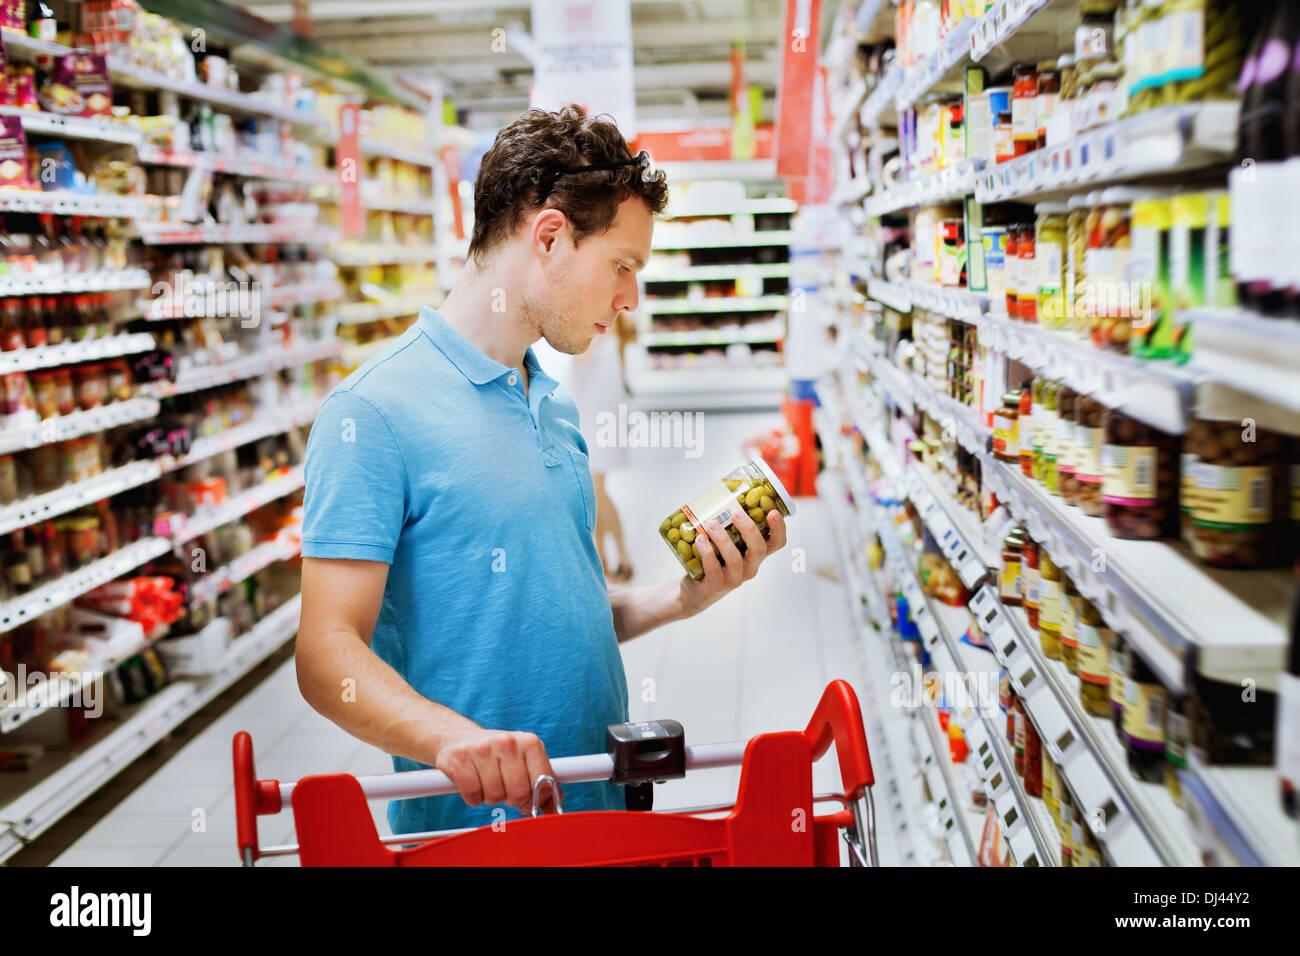 shopping - Stock Image